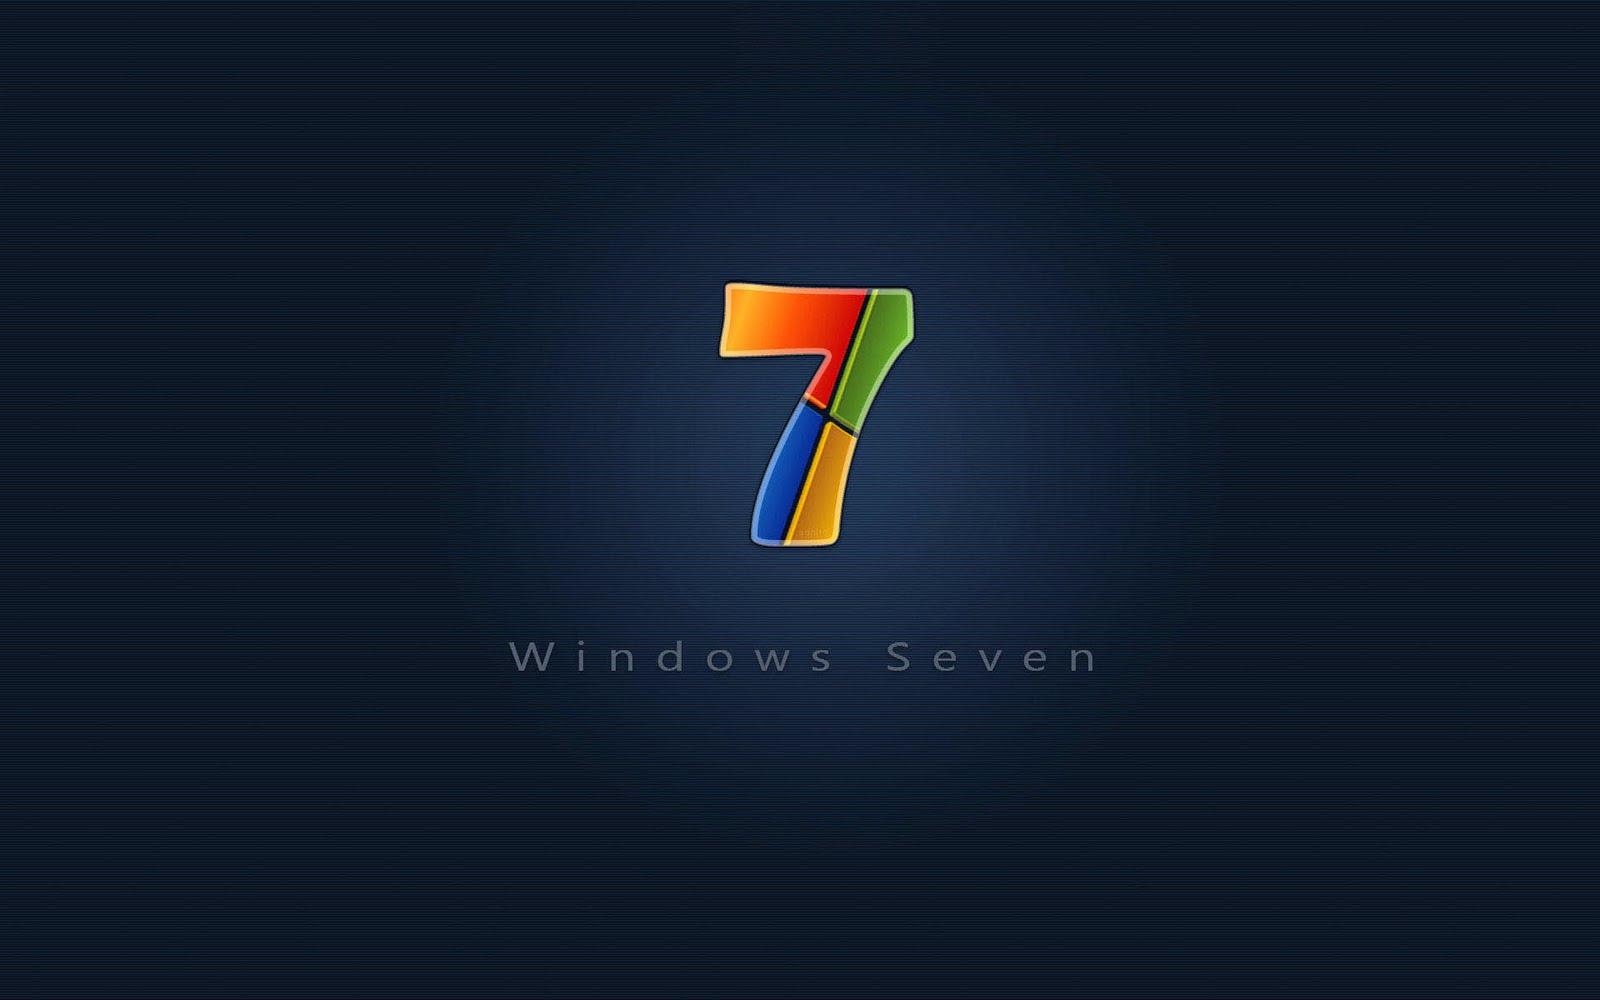 Logo Logo Wallpaper Collection Windows seven 7 logo wallpaper part 1600x1000